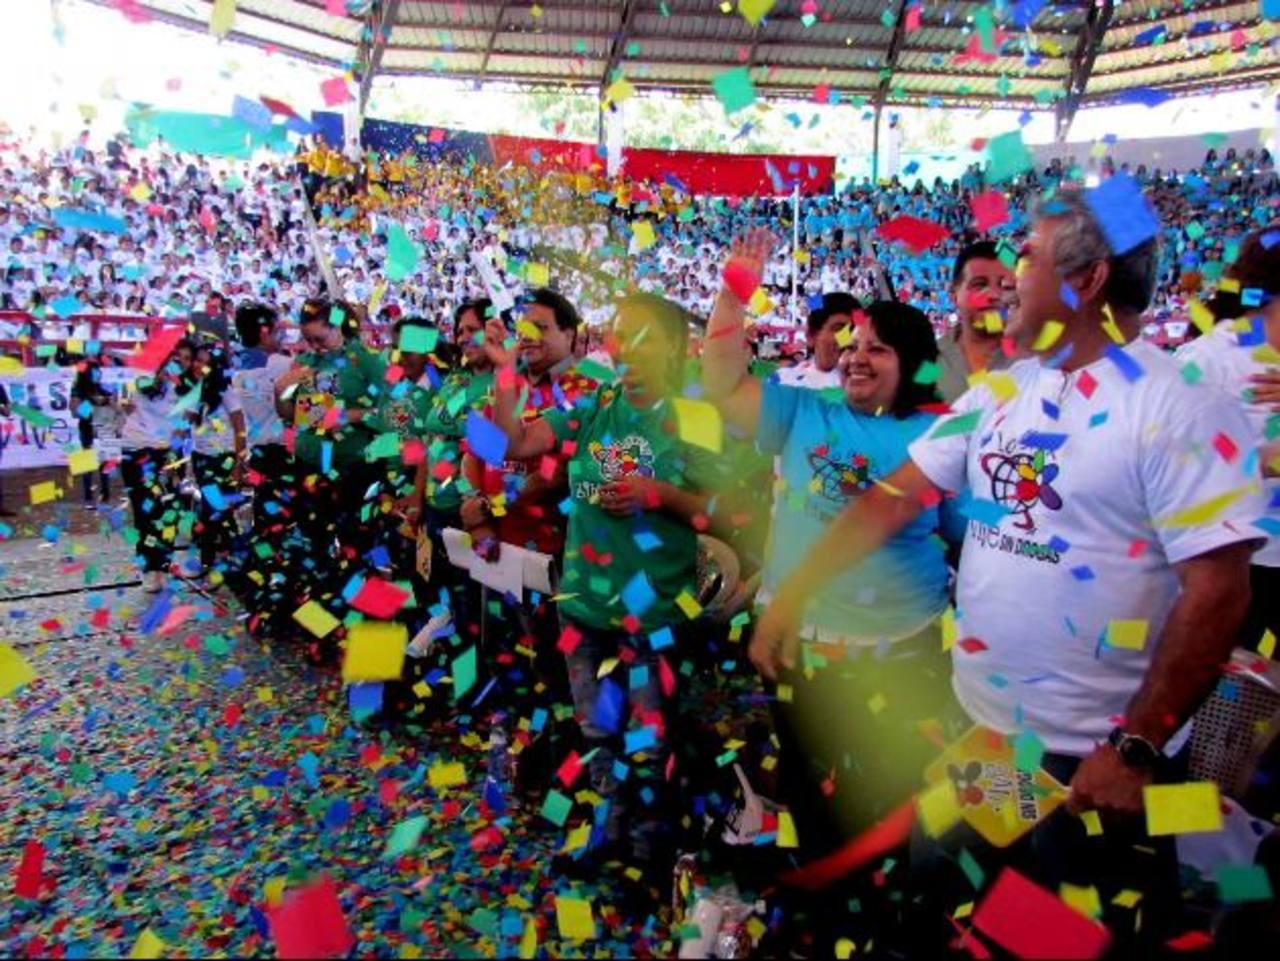 Más de tres mil jóvenes de 42 centros educativos de Santa Ana participaron en la actividad. Foto EDH / Mauricio GuevaraLa actividad se llevó a cabo en el coliseo de la Feria Ganadera Nuestra Señora Santa Ana. Foto EDH / Mauricio Guevara